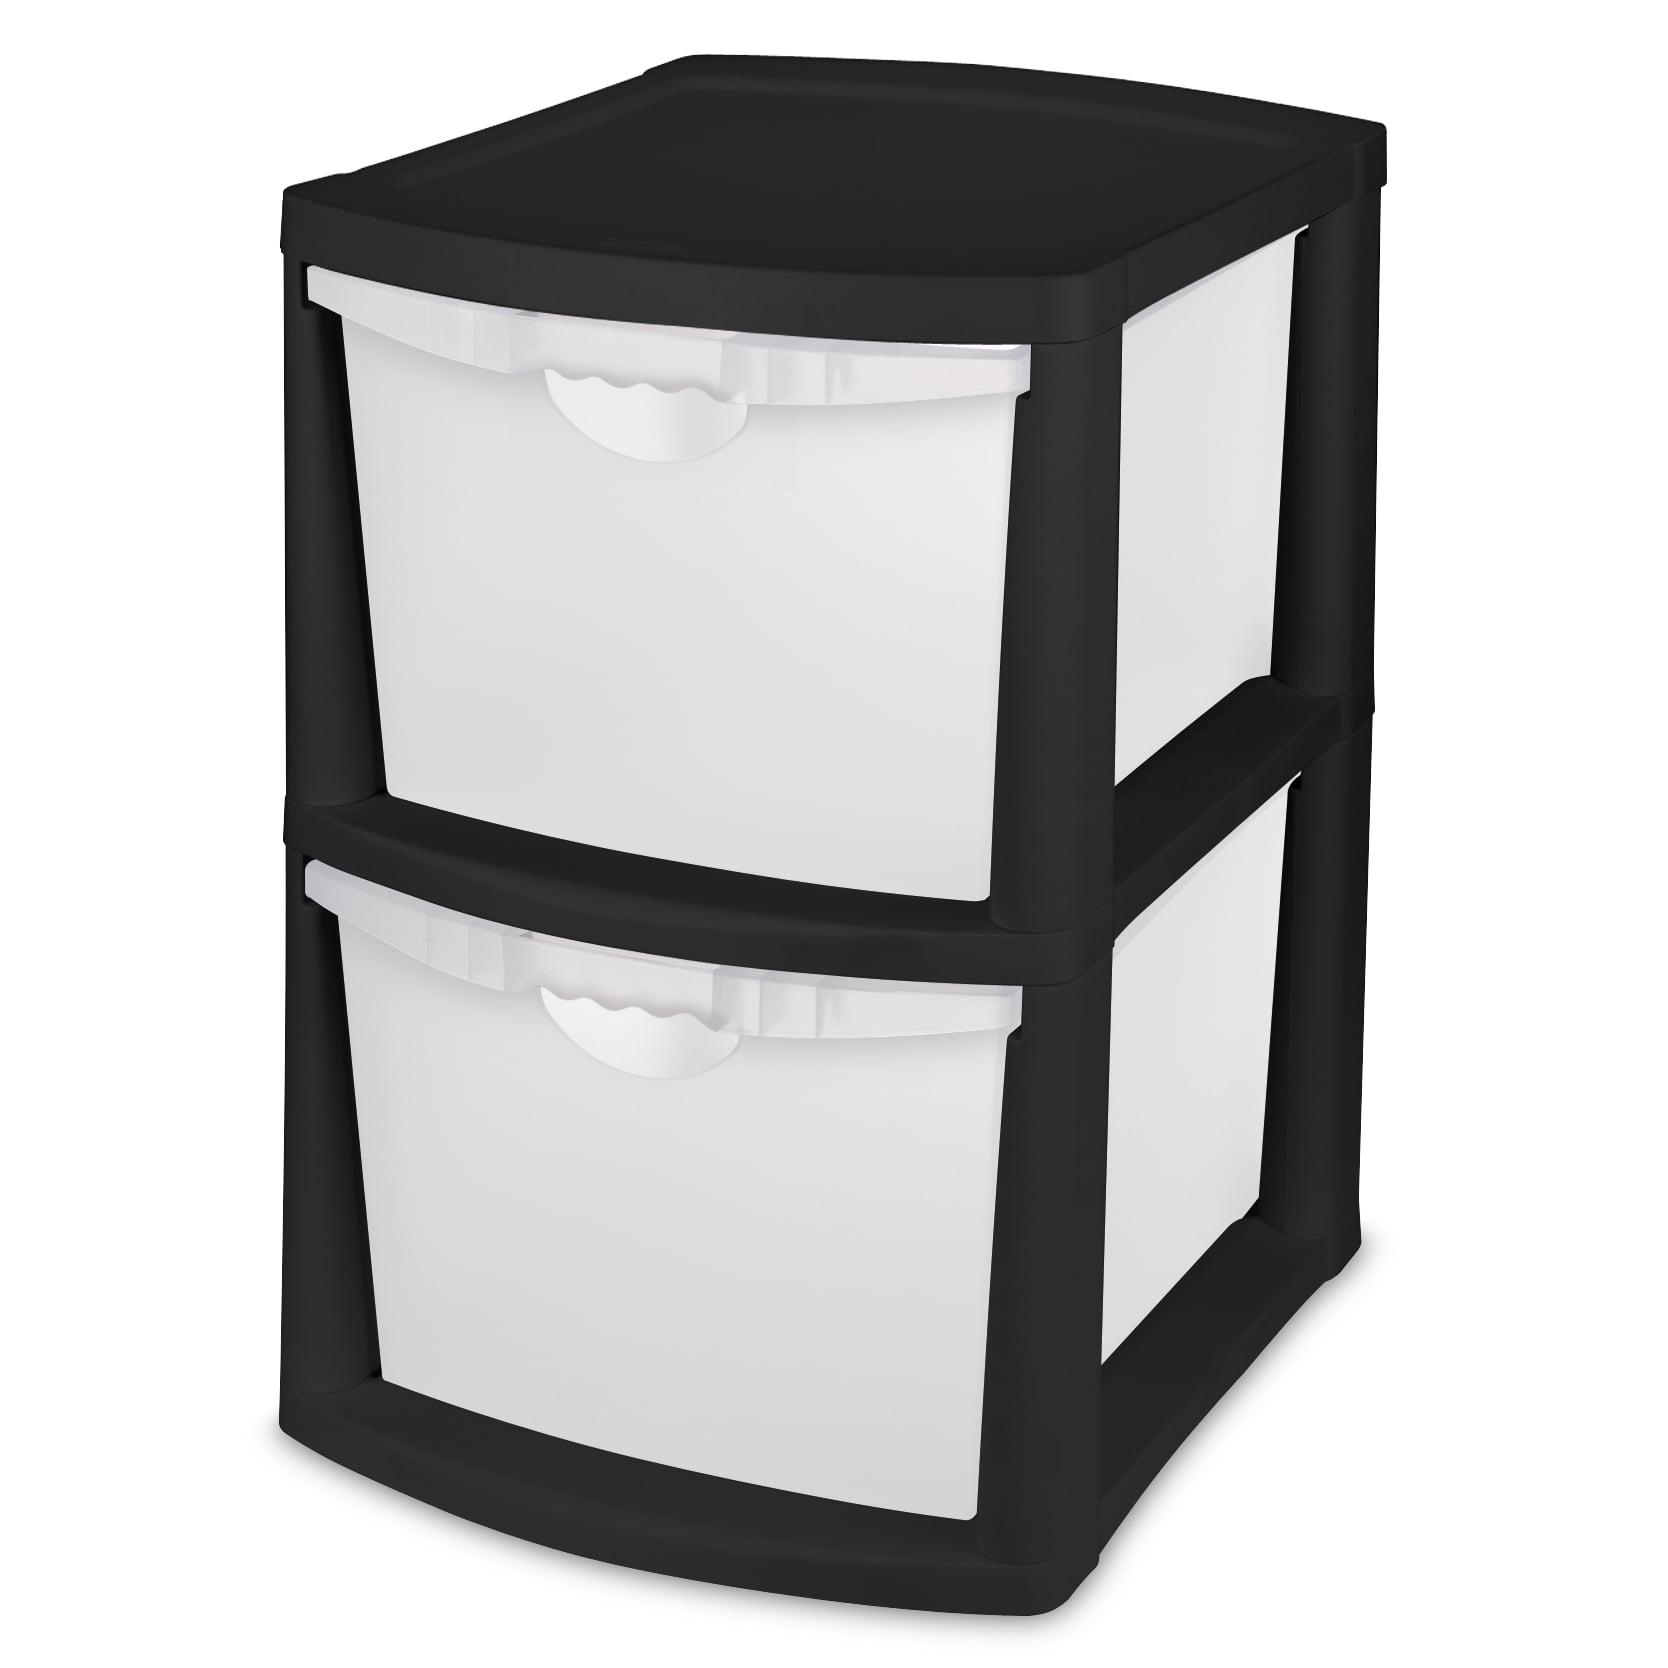 Sterilite  Bin Storage System Black